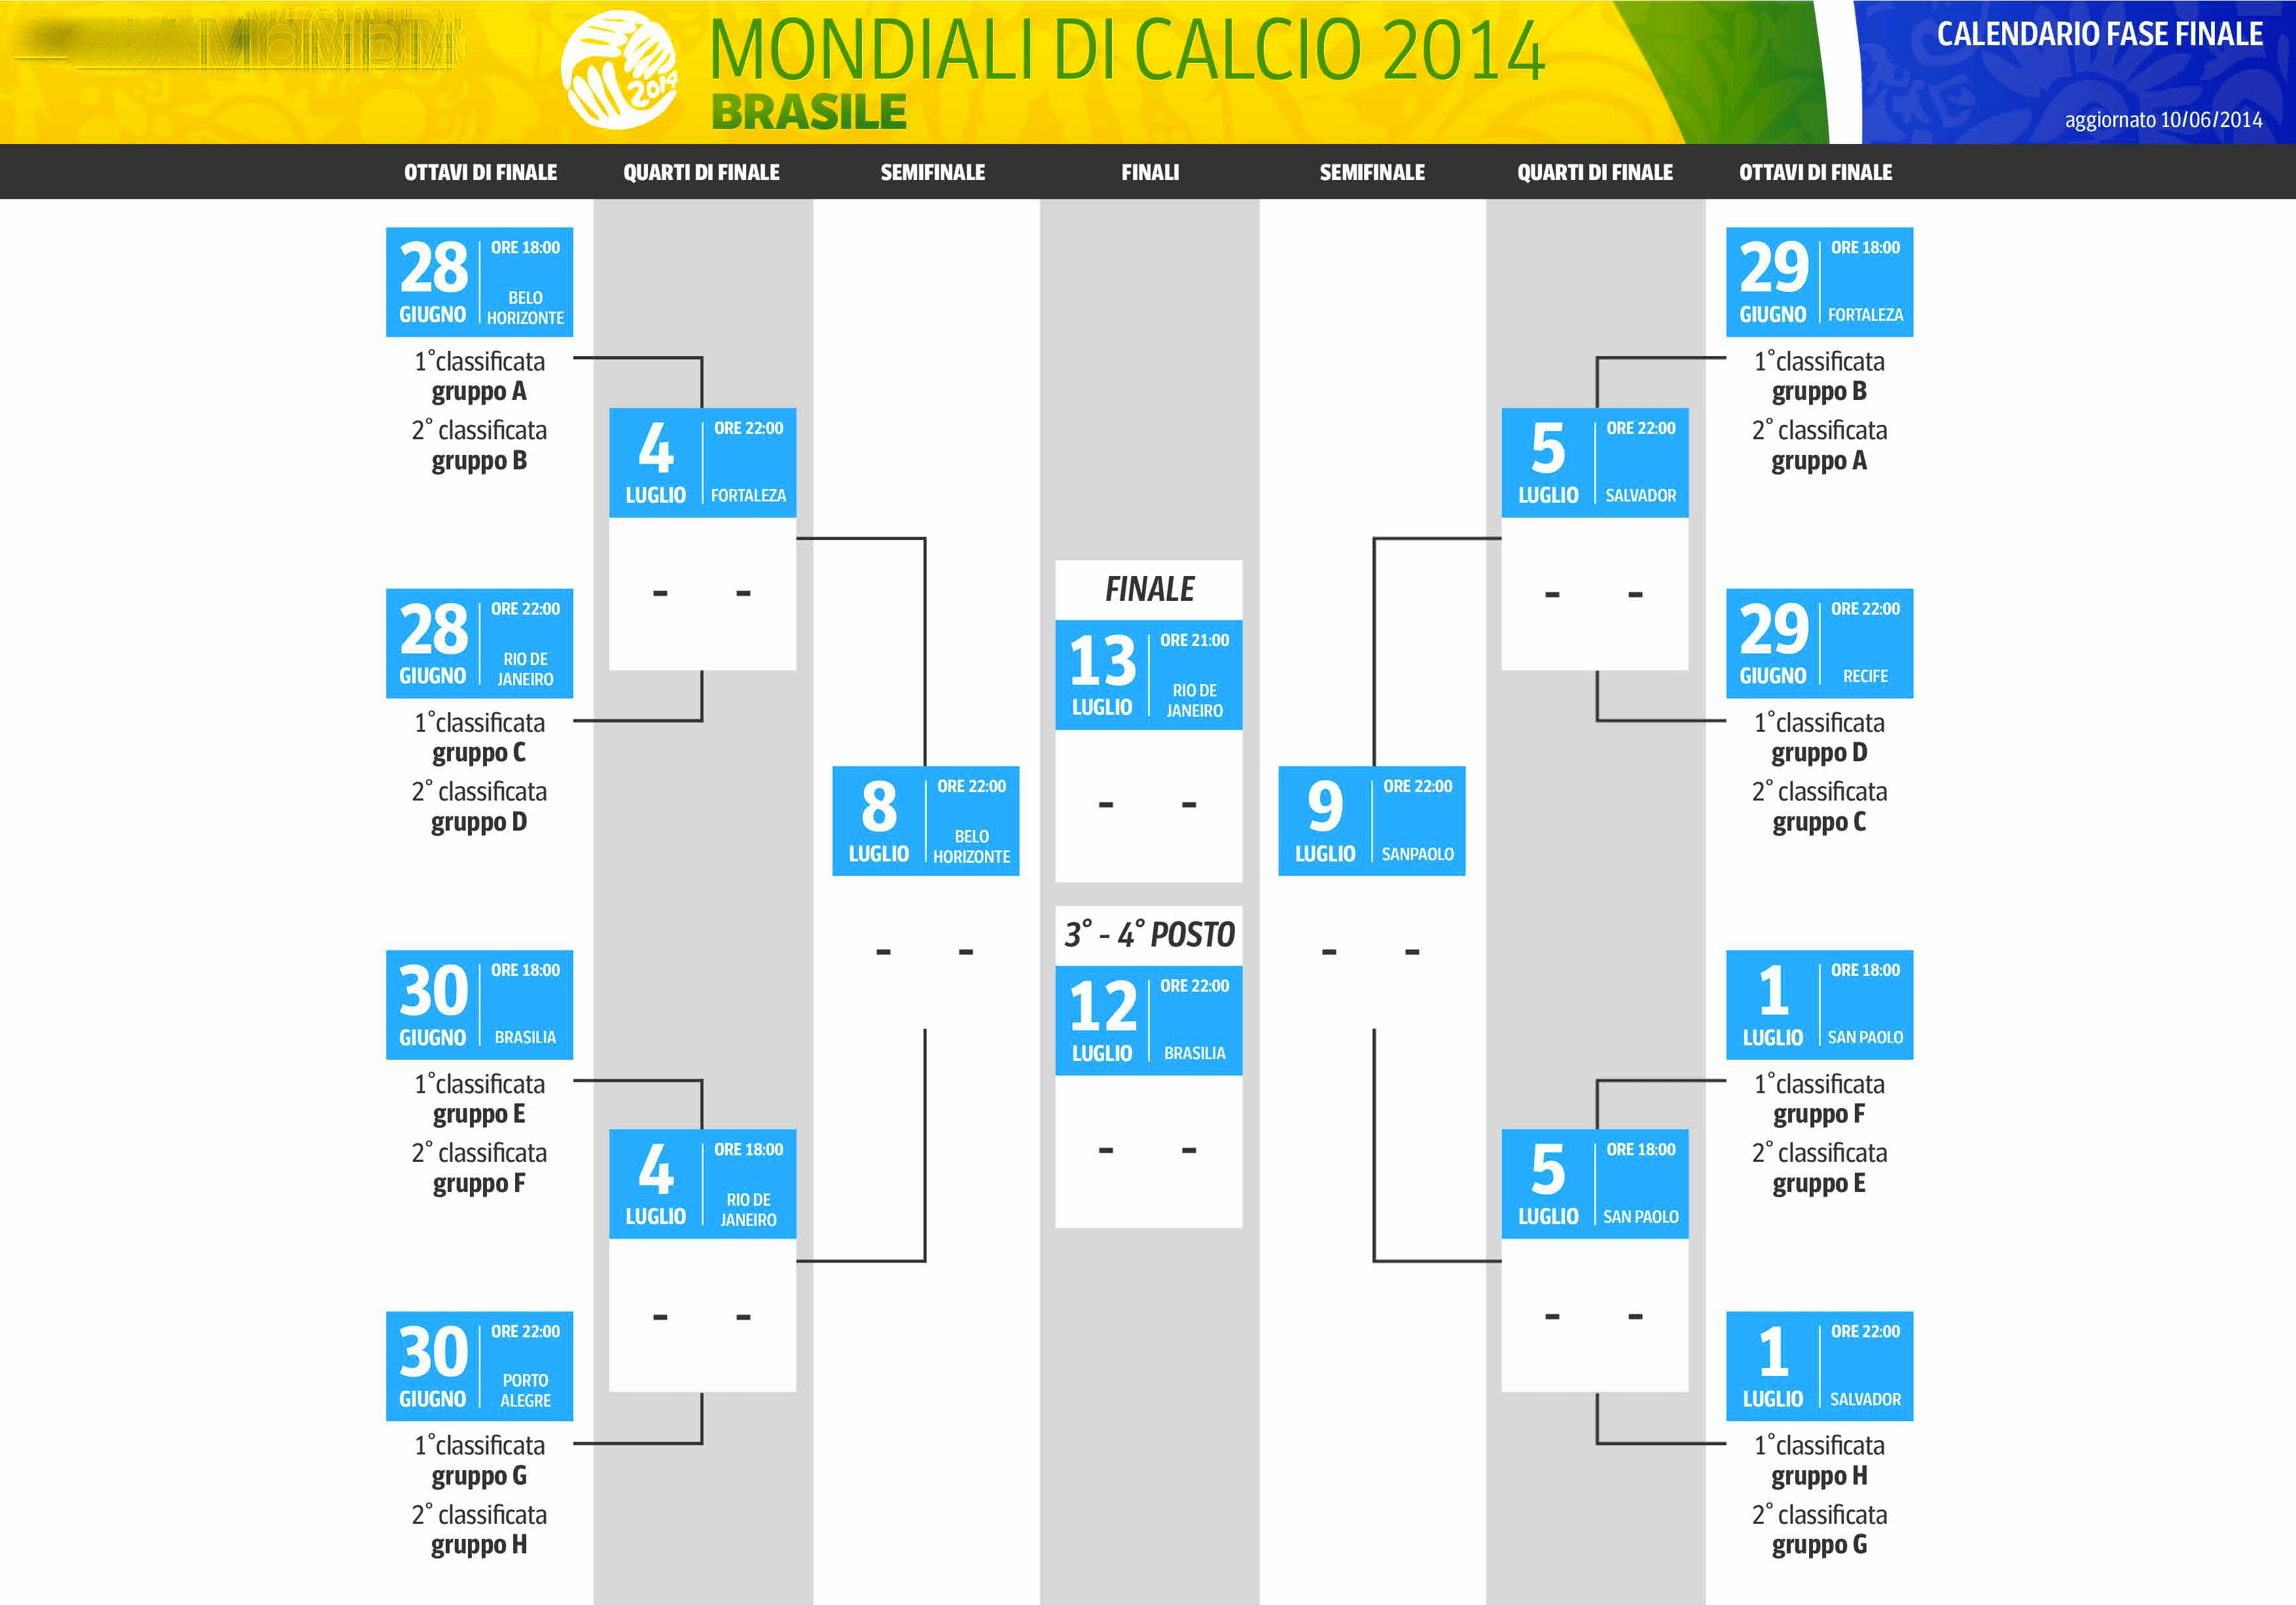 Gruppo G Mondiali 2020 Calendario.Mondiale Brasile 2014 Il Calendario Tabellone Date E